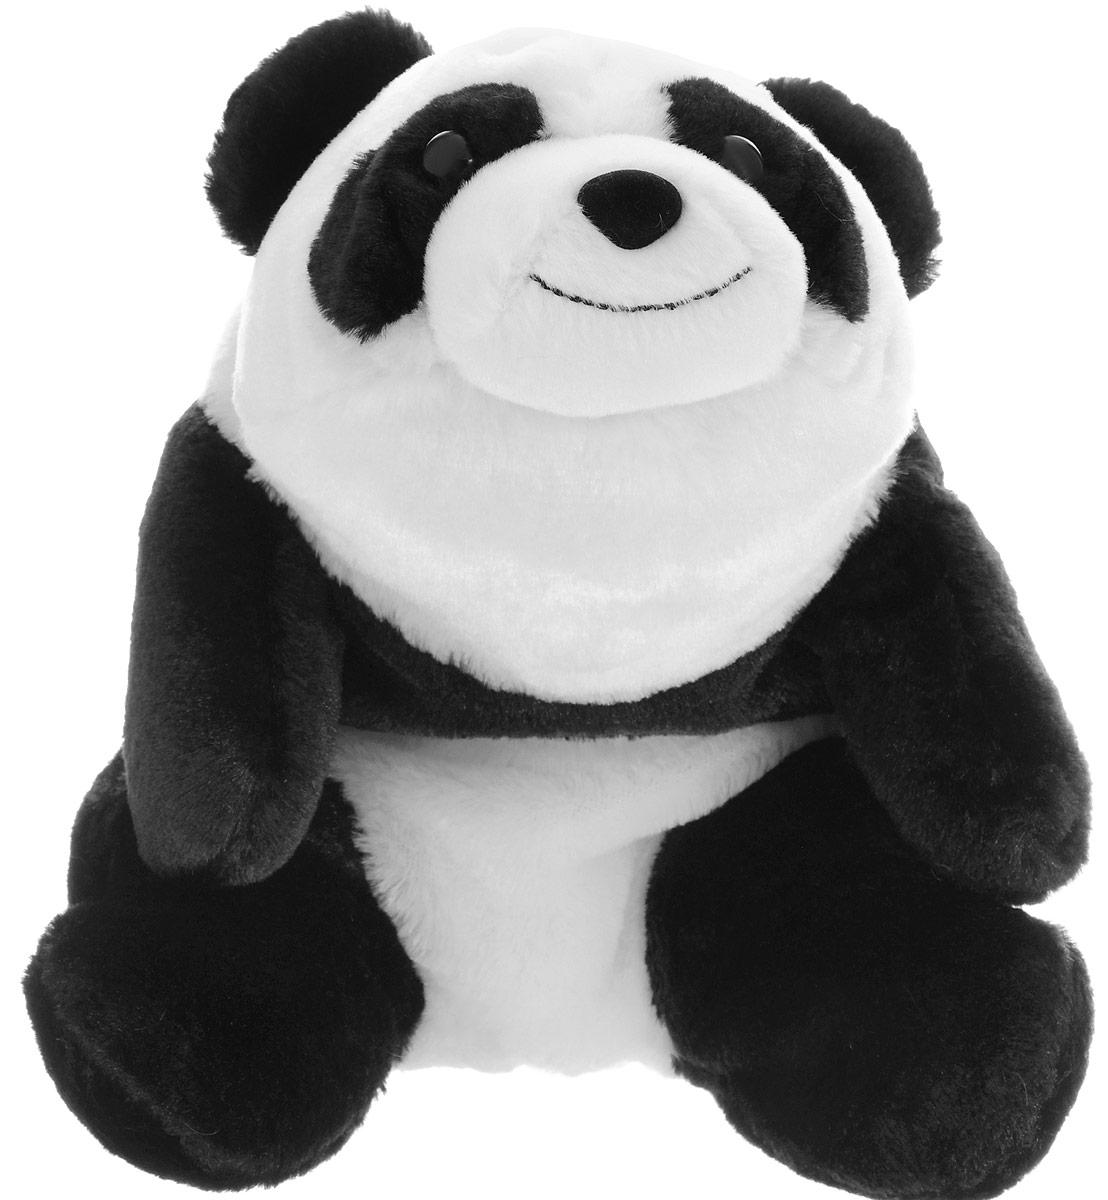 Игрушка мягкая Gund Snuffles Panda, цвет: черный, белый, 26 см. 4040201